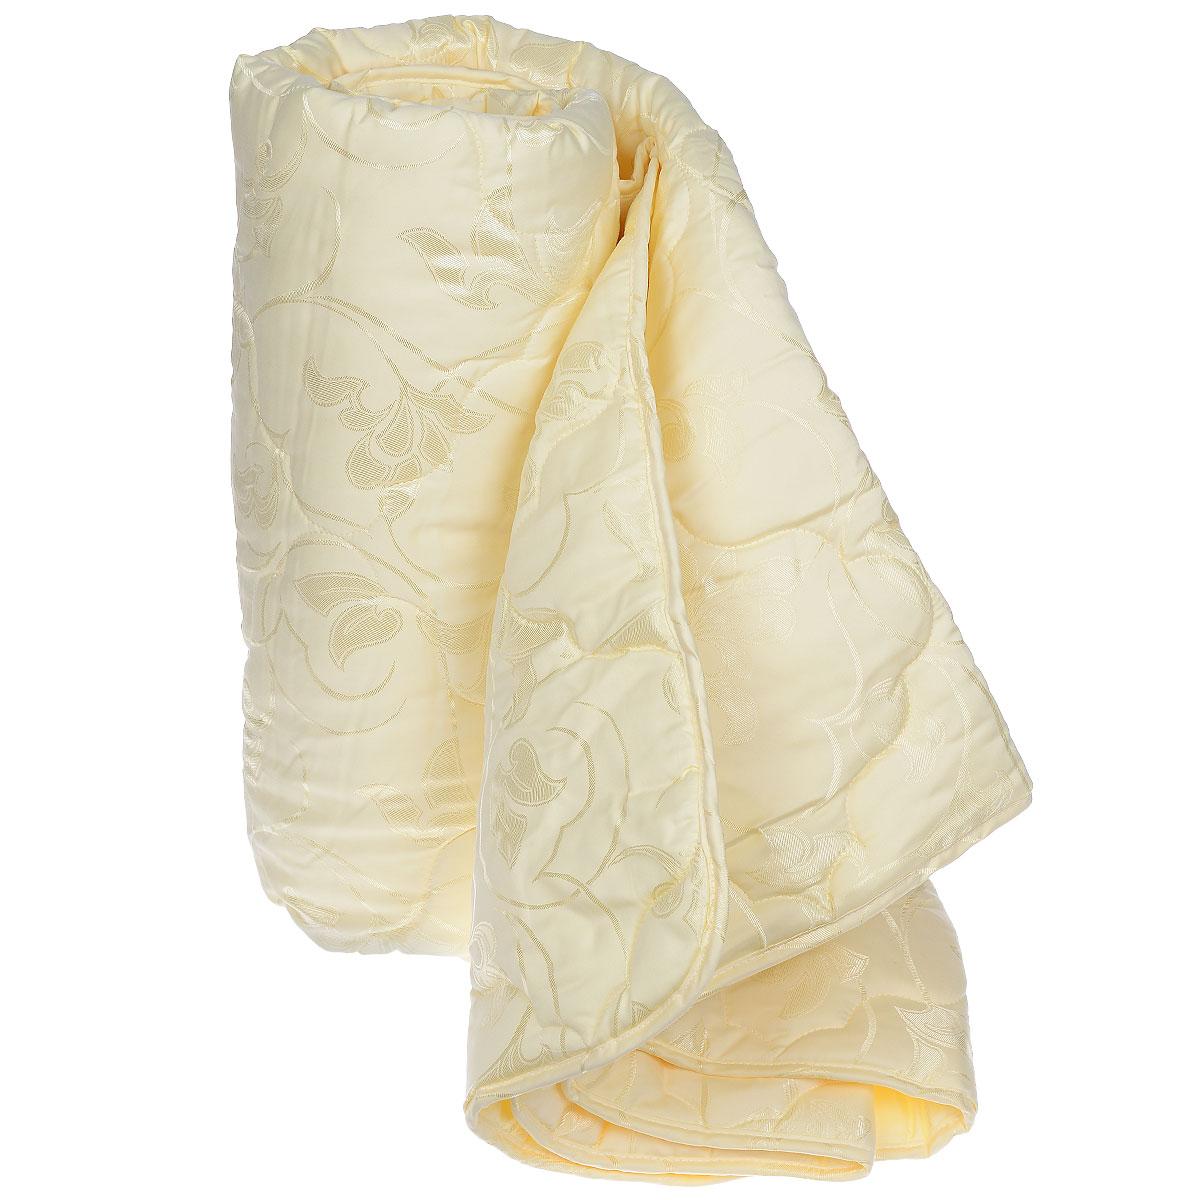 Одеяло Sova & Javoronok, наполнитель: шелковое волокно, цвет: бежевый, 140 см х 205 см5030116080Чехол одеяла Sova & Javoronok выполнен из благородного сатина бежевого цвета. Наполнитель - натуральное шелковое волокно. Особенности наполнителя: - обладает высокими сорбционными свойствами, создавая эффект сухого тепла; - регулирует температурный режим; - не вызывает аллергических реакций. Шелк всегда считался одним из самых элитных и роскошных материалов. Очень нежный, легкий, шелк отлично приспосабливается к температуре тела и окружающей среды. Летом с подушкой из шелка вы чувствуете прохладу, зимой - приятное тепло. В натуральном шелке не заводится и не живет пылевой клещ, также шелк обладает бактериостатическими свойствами (в нем не размножаются патогенные бактерии), в нем не живут и не размножаются грибки и сапрофиты. Натуральный шелк гипоаллергенен и рекомендован людям с аллергическими реакциями. При впитывании шелком влаги до 30% от собственного веса он остается сухим на ощупь. Натуральный шелк не электризуется. ...